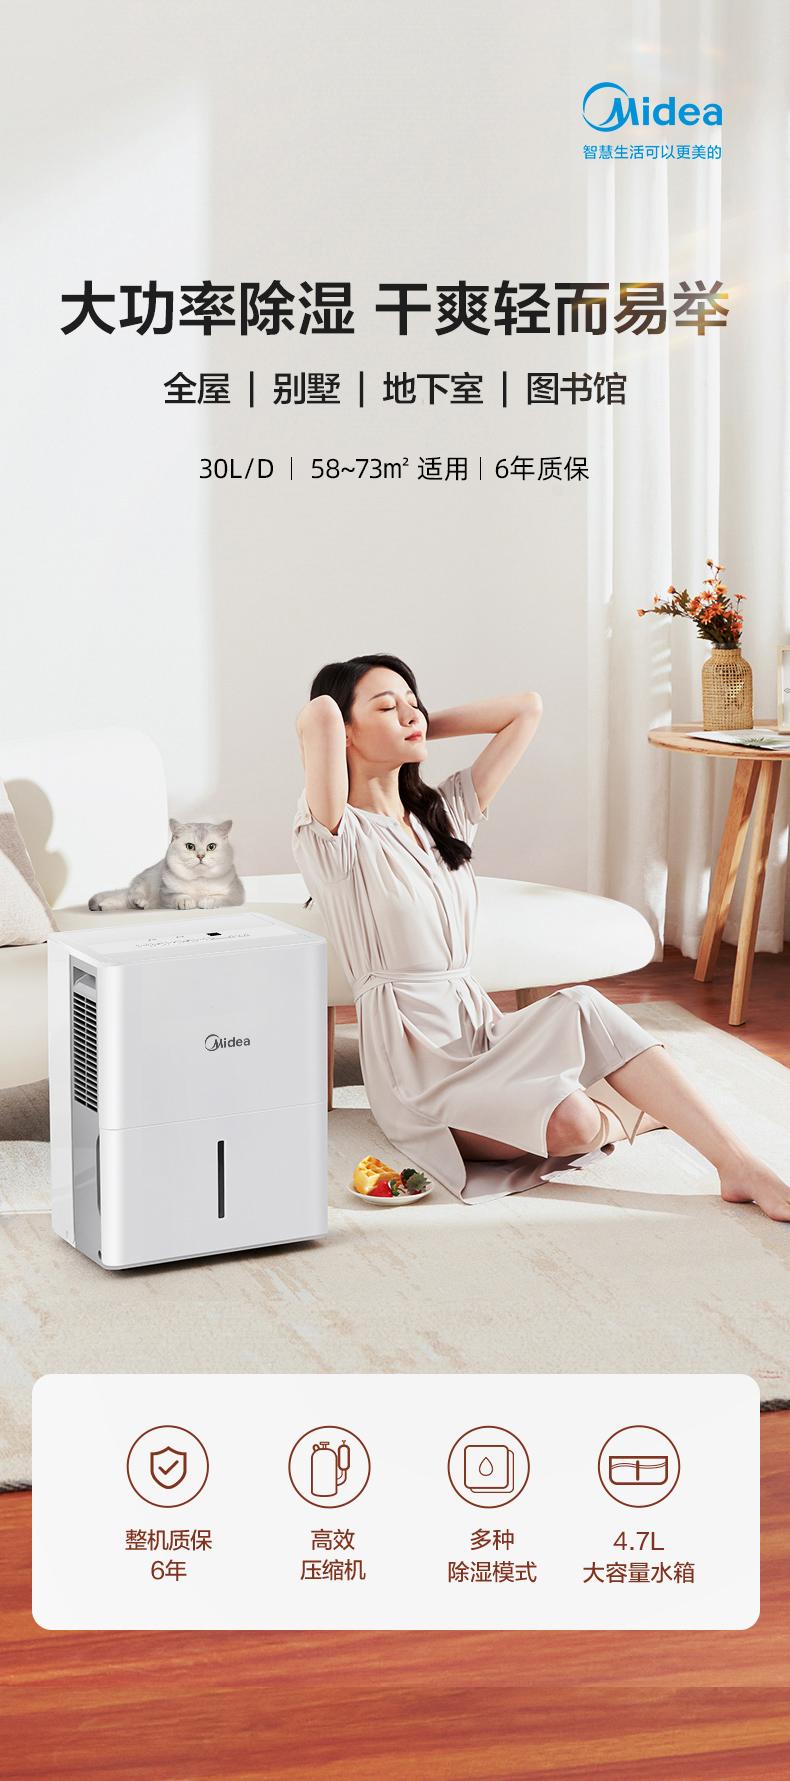 美的(Midea) 家用除湿机 干衣/抽湿机 除湿量30升/天 适用58~73㎡ 复式别墅/地下室商用工业吸湿器 智能控湿